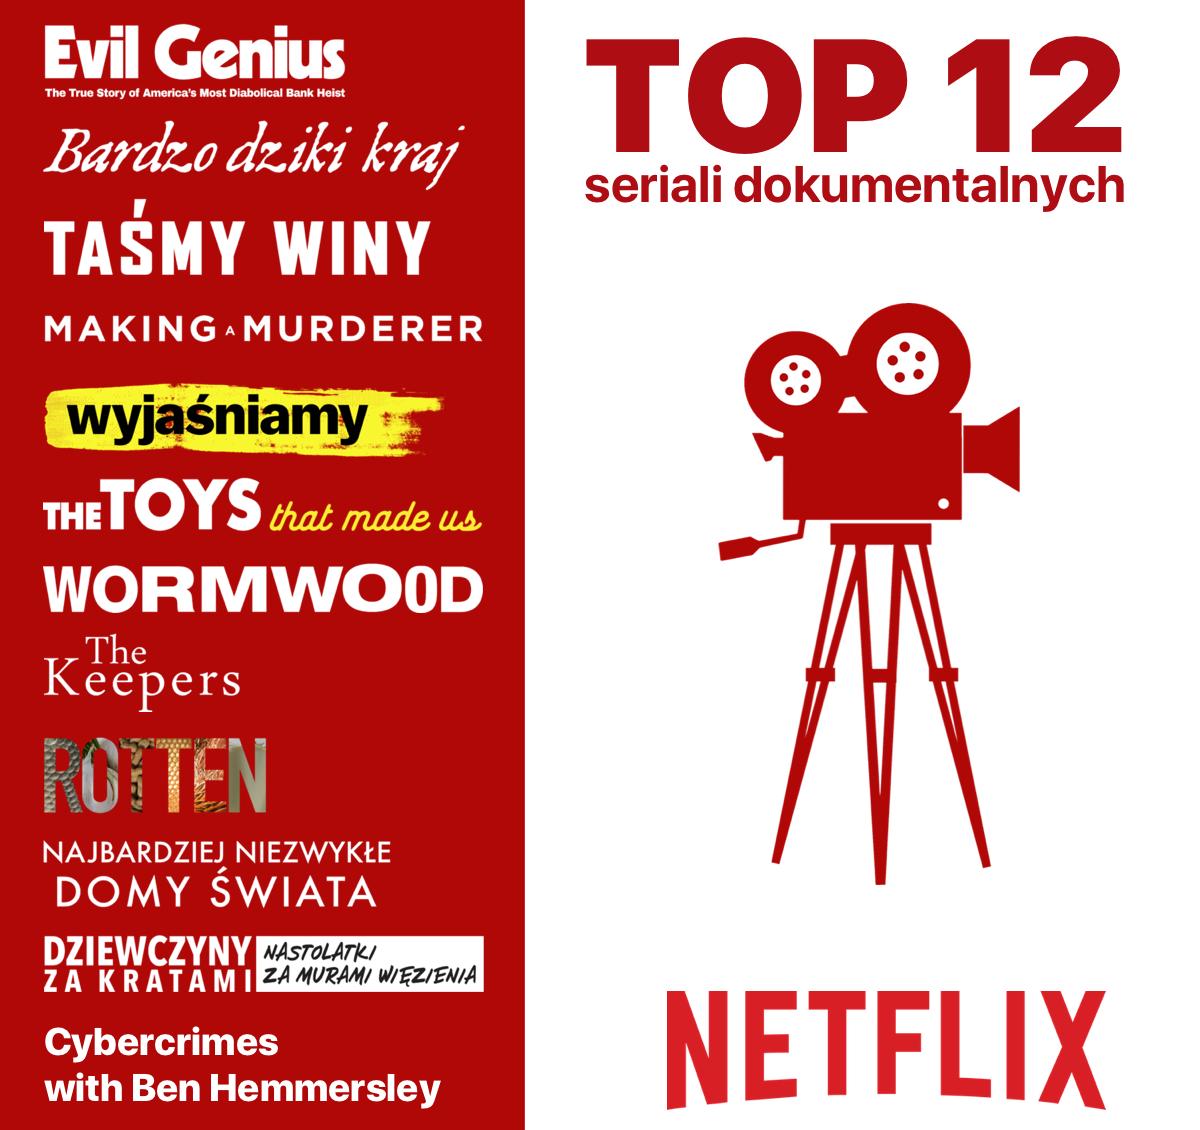 Ranking TOP 12 seriali dokumentalnych (Netflix, czerwiec 2018)